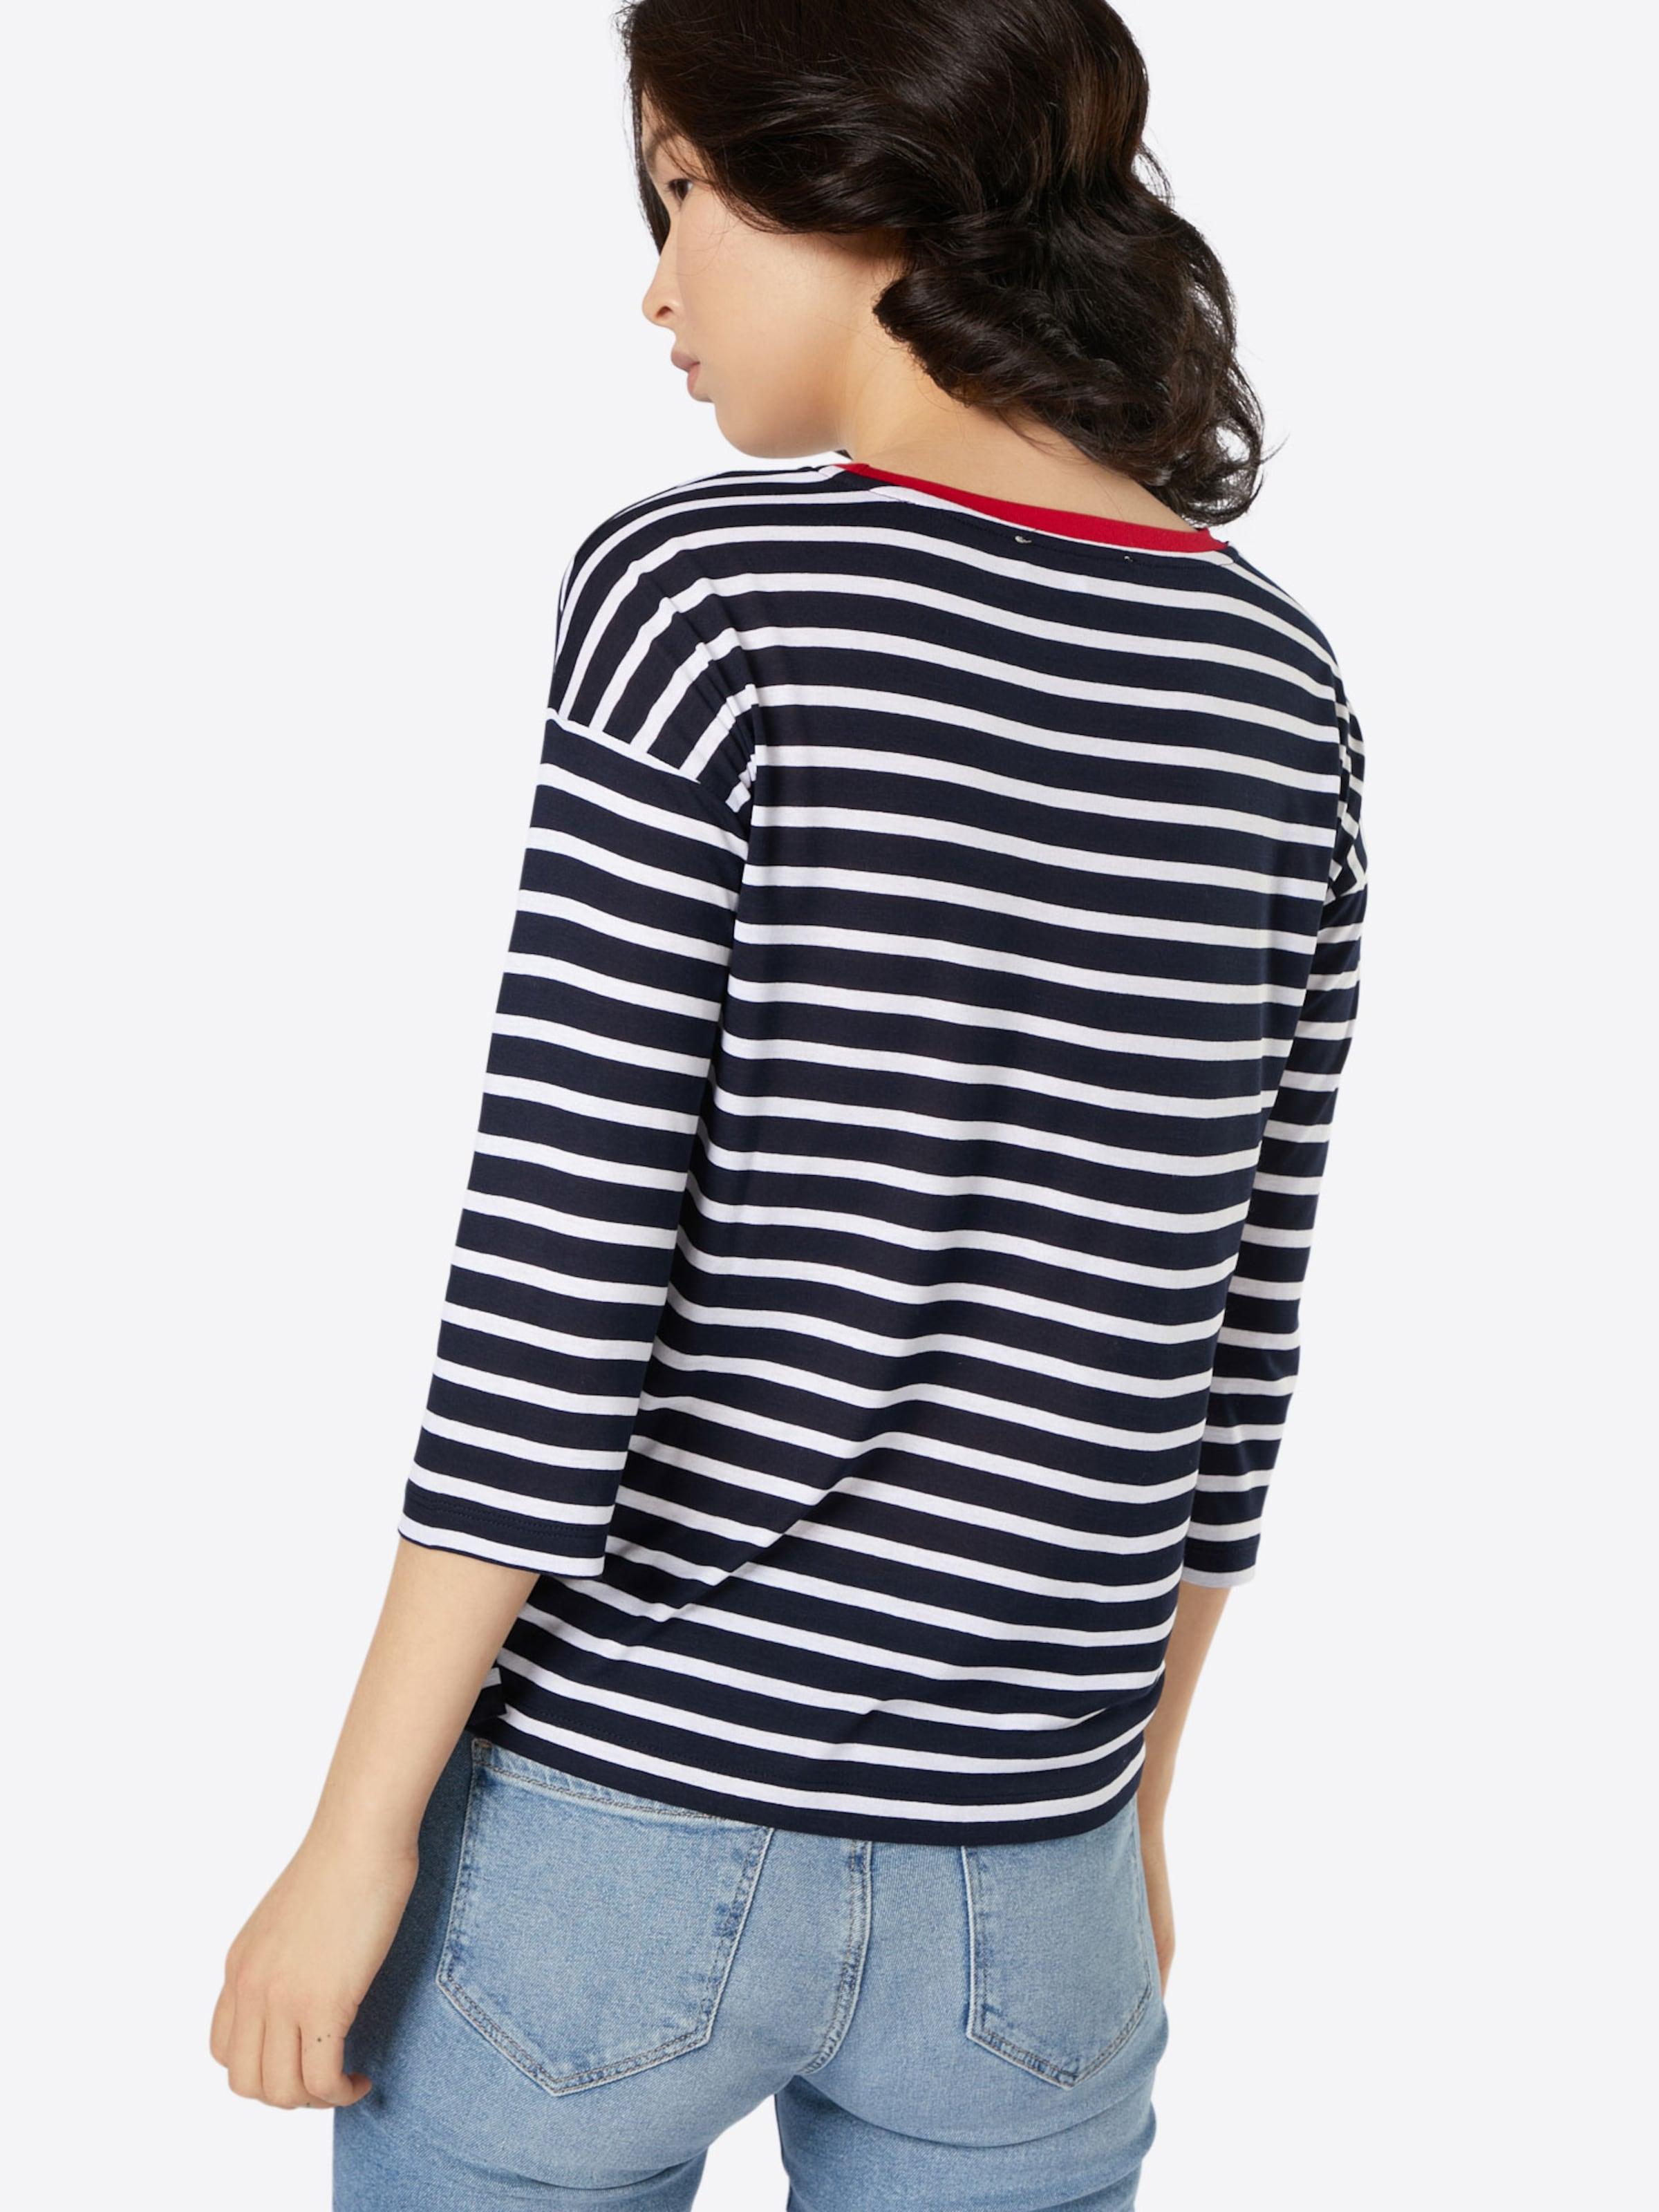 ABOUT YOU Shirt 'Carina' Günstig Kaufen Die Besten Preise ZOyS7Ar